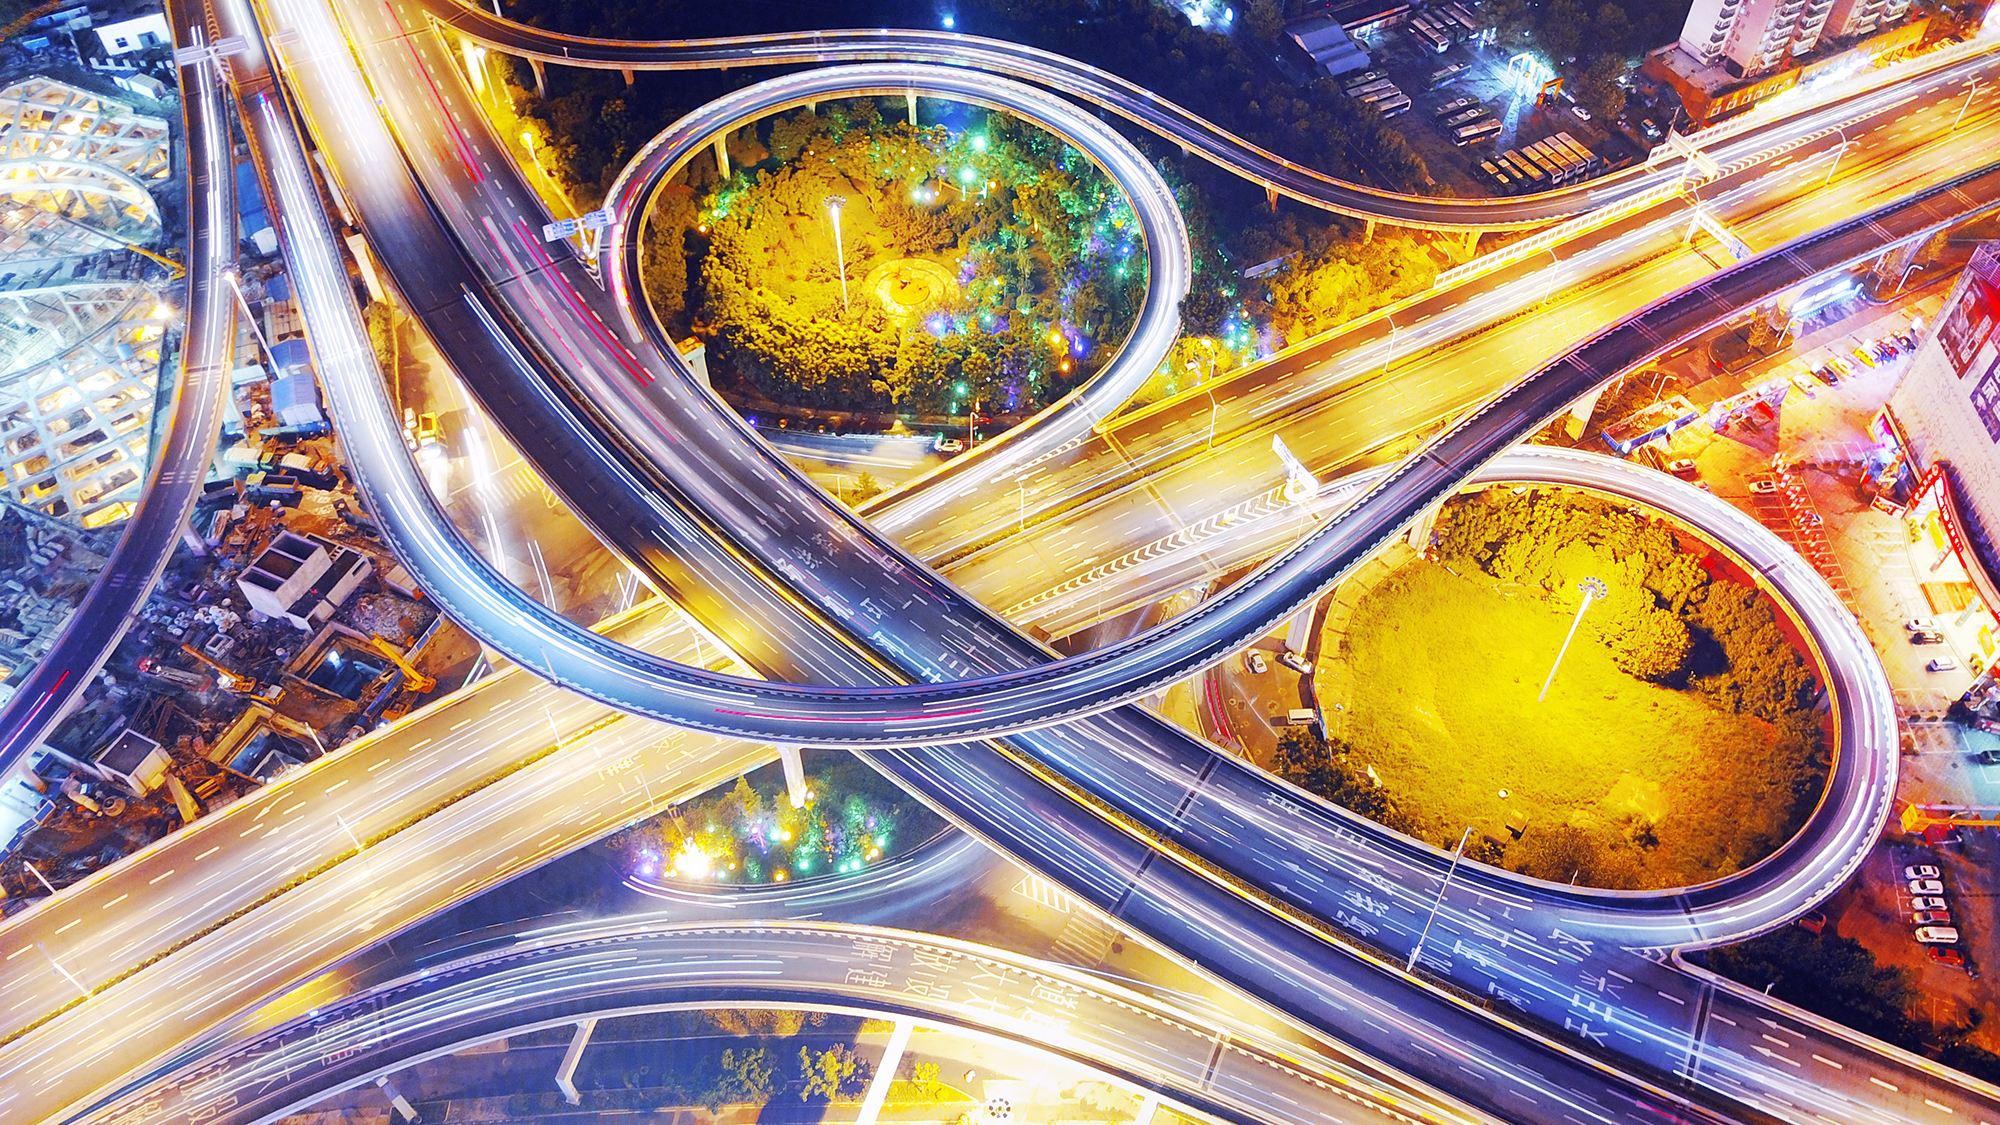 武汉市地产集团---武汉市二环线汉口段BT项目